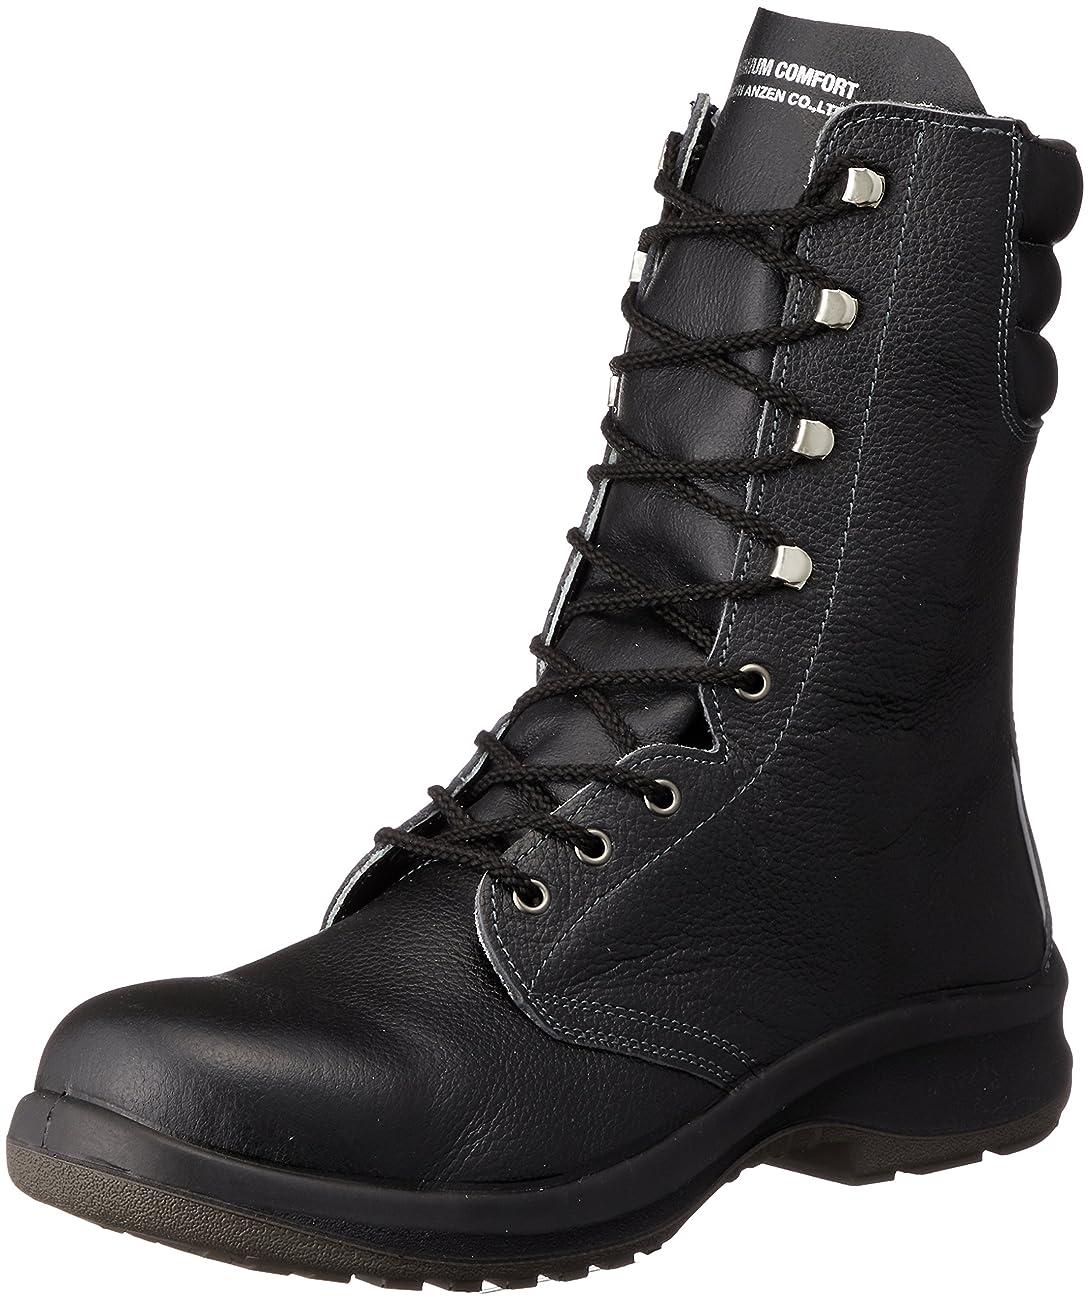 [ミドリ安全] 安全靴 JIS規格 長編上靴 プレミアムコンフォート PRM230